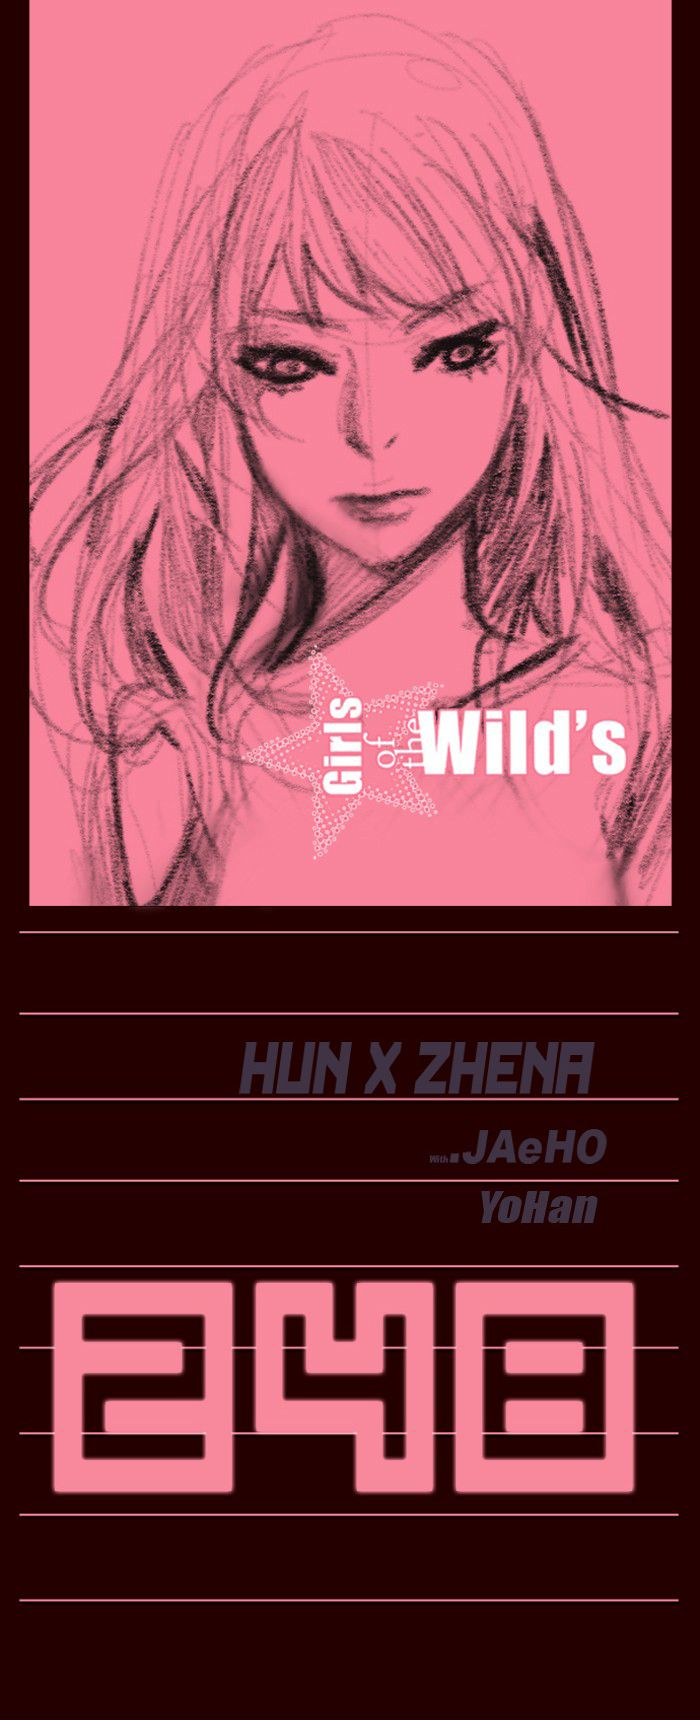 http://c5.ninemanga.com/es_manga/pic2/32/416/488195/fa027edbceb48e6657770c2985172201.jpg Page 3